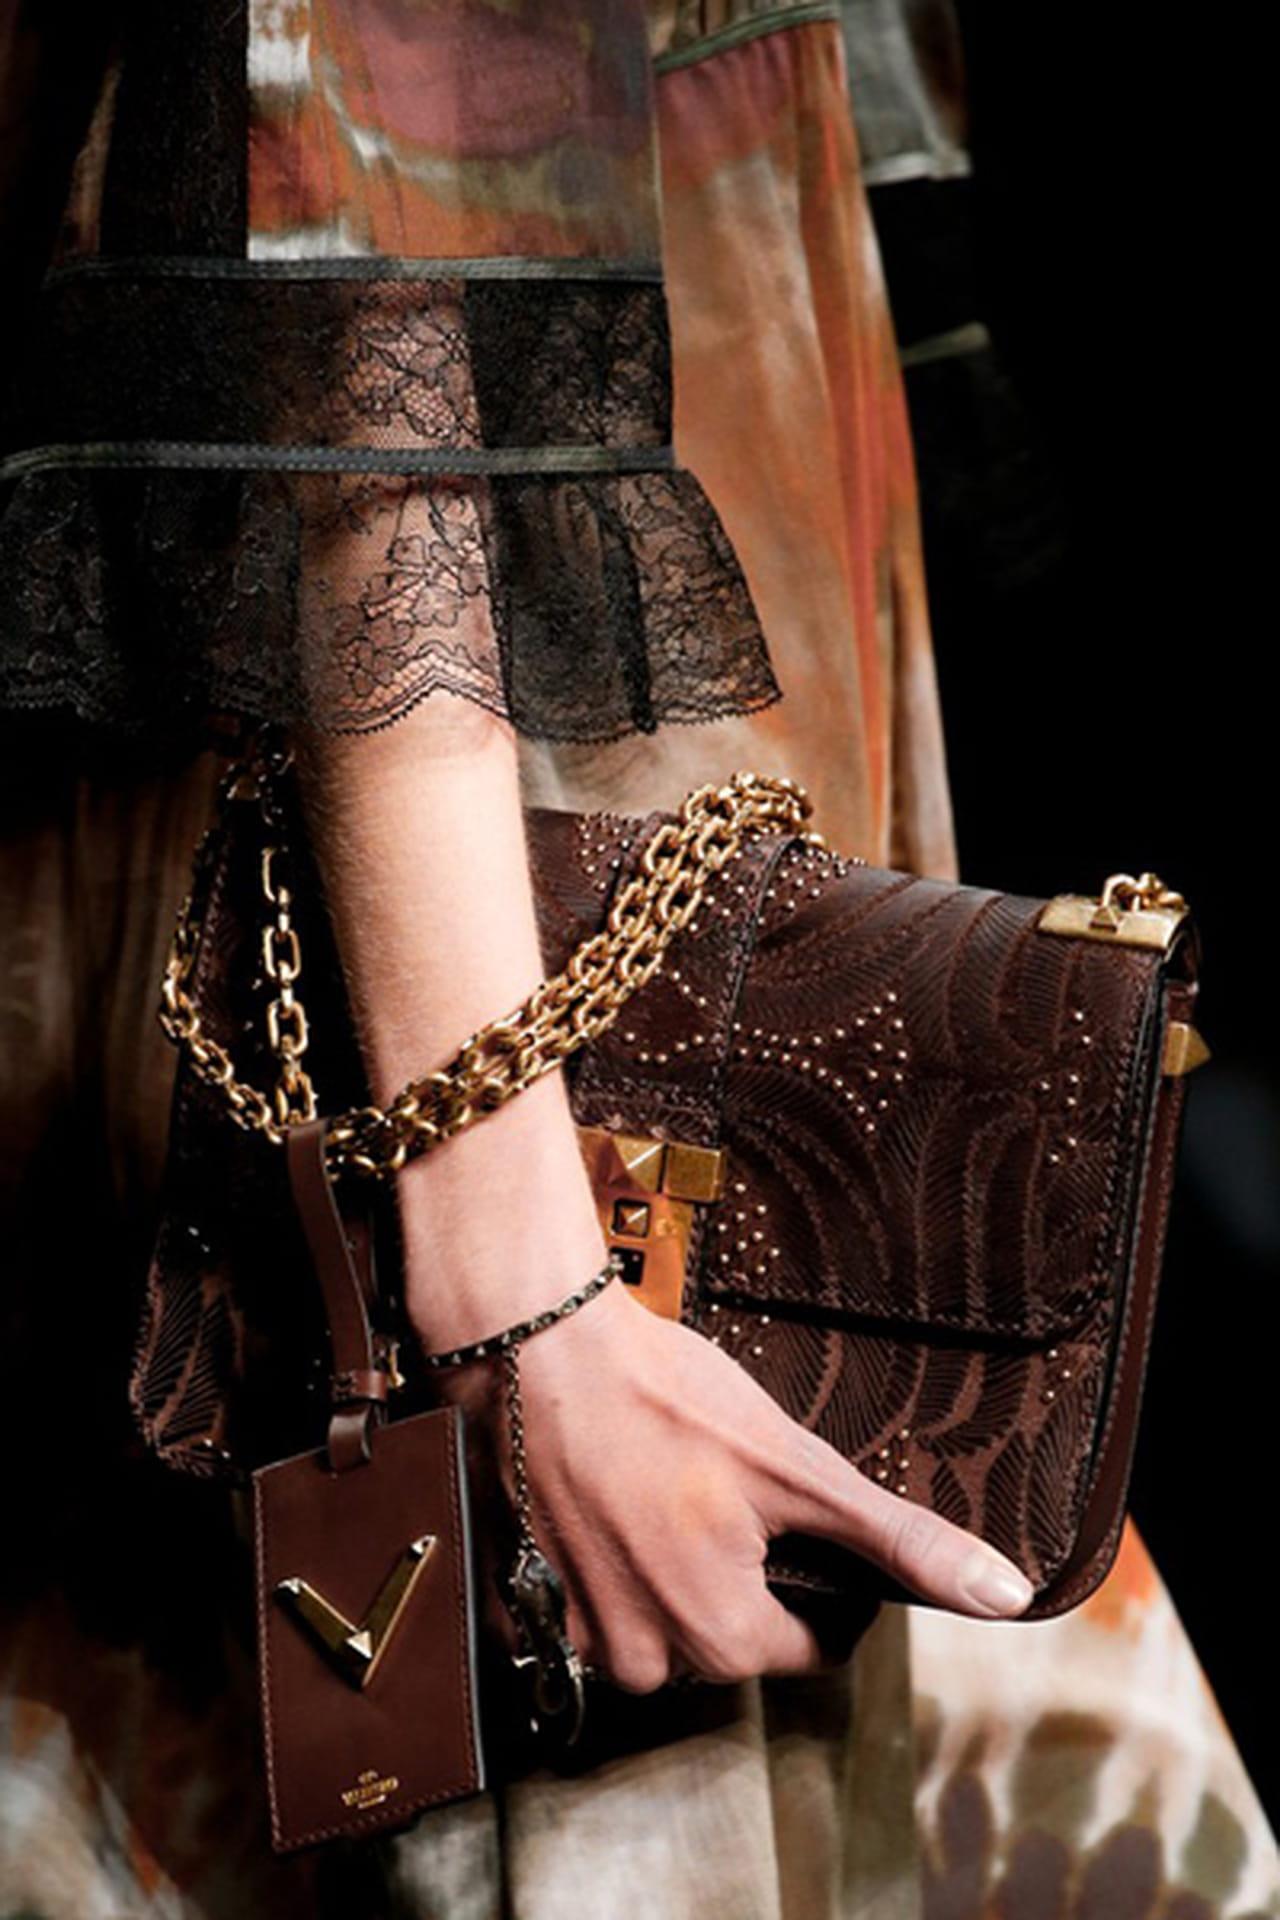 e9832021b7caa ... كل إمرأة ترى في حقيبة يدها أكسسواراً أساسياً يضيف الكثير لإطلالاتها في  مختلف المناسبات، لذلك تحرص دوماً على تقديم تصاميم تمزج بين الفخامة والعملية  والتي ...